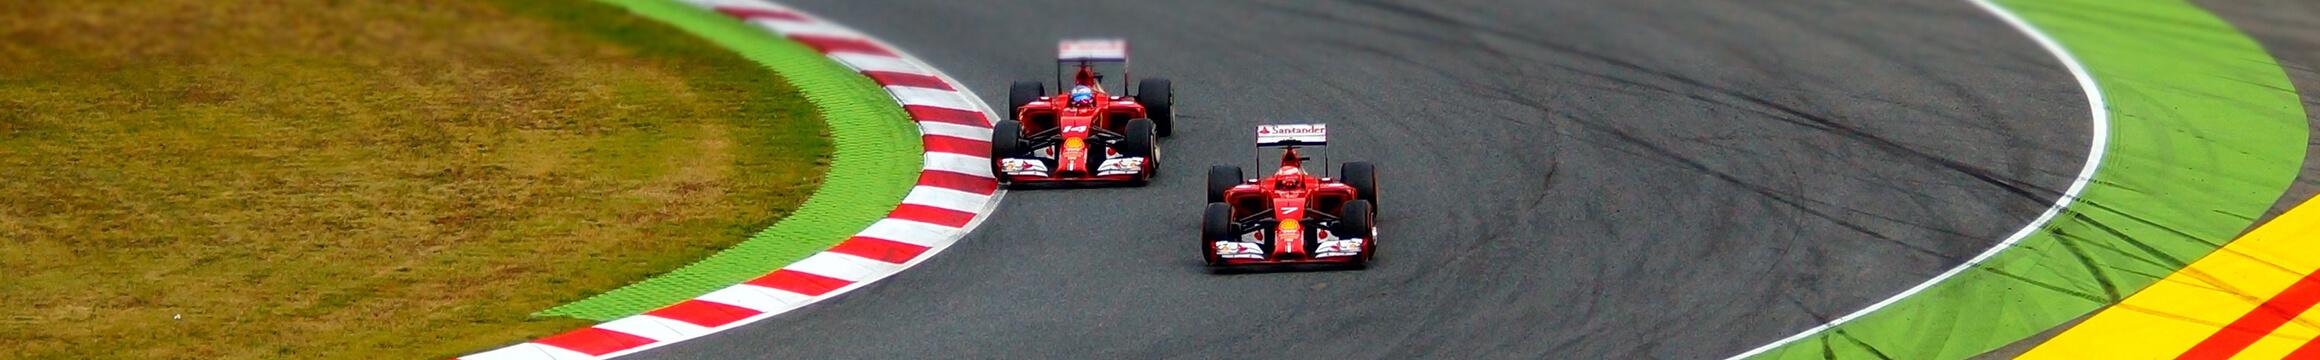 Car Racing 01